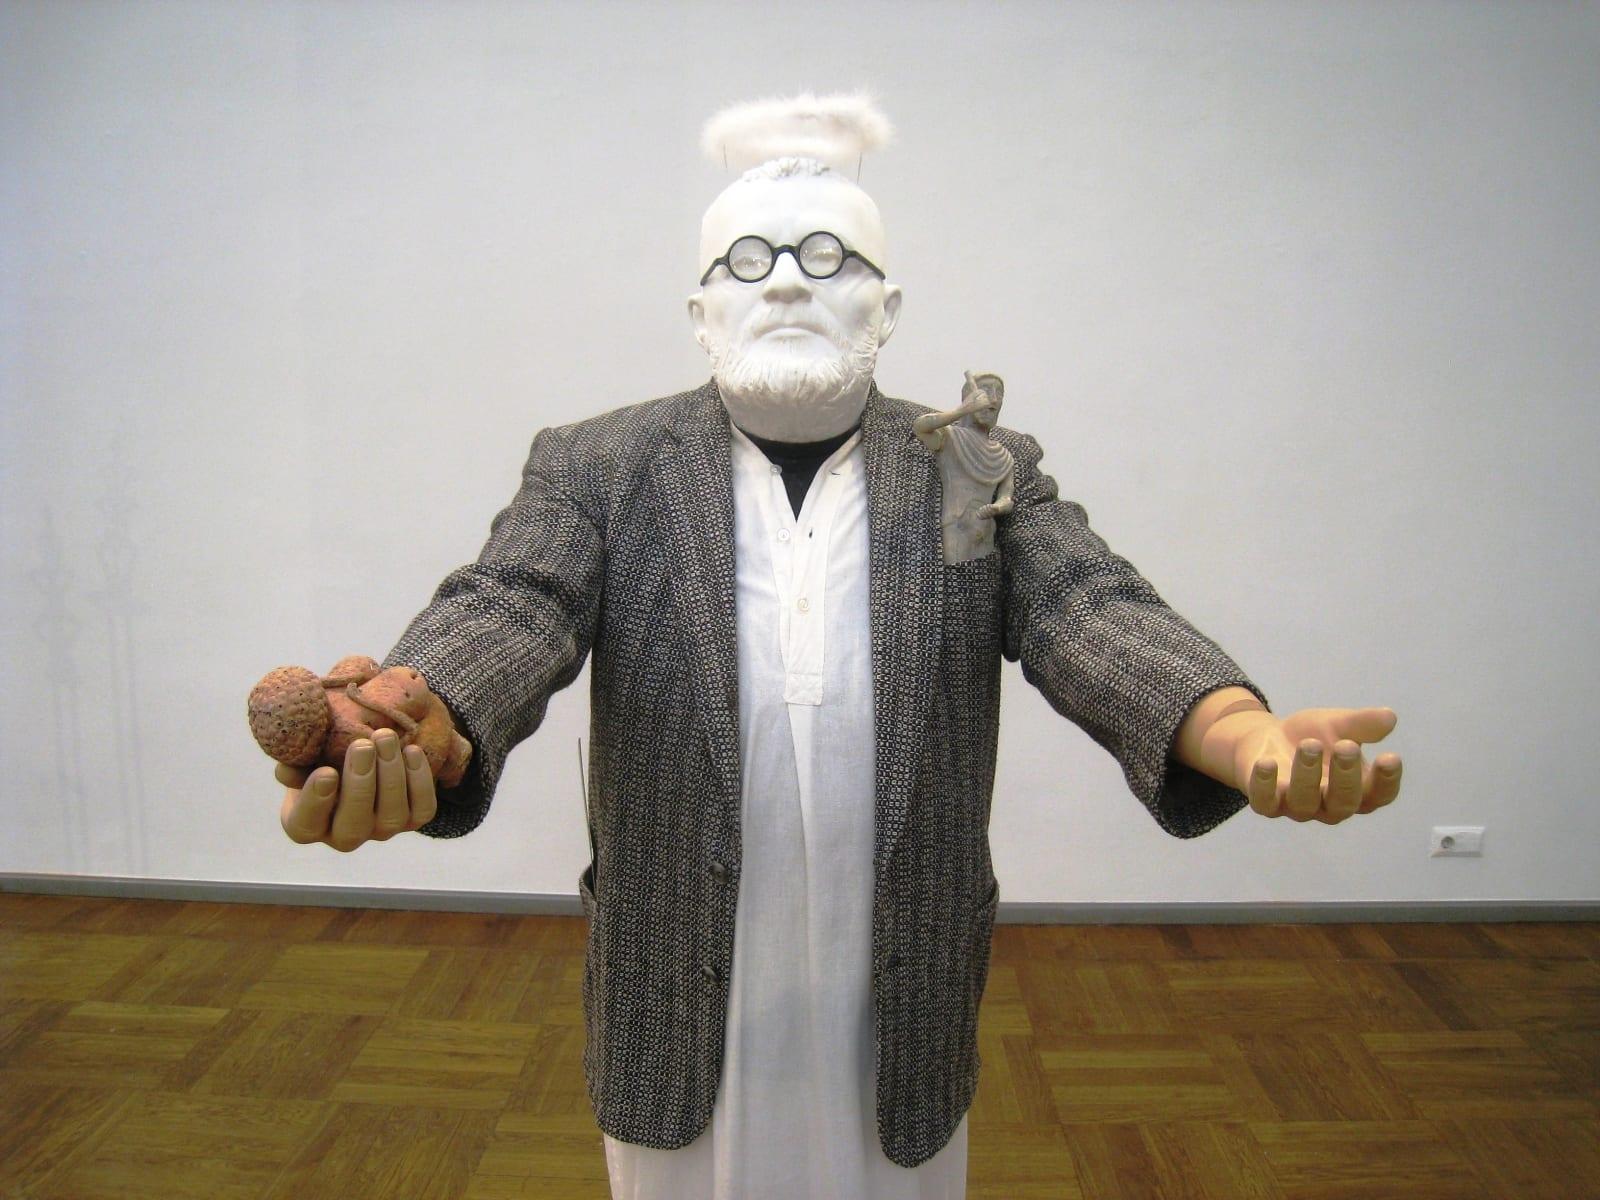 """""""HARDI VOLMER - ANIMAATOR"""" 2015 elusuuruses figuraalne installatsioon: kips, mannekeen,poroloon,puit,metall,kangas, filmi nukud jm <br/>""""HARDI VOLMER - the ANIMATOR"""" 2015 lifesize figurative installation: plaster,mannequin,textile,plastic,metal,wood,dolls from a film etc"""